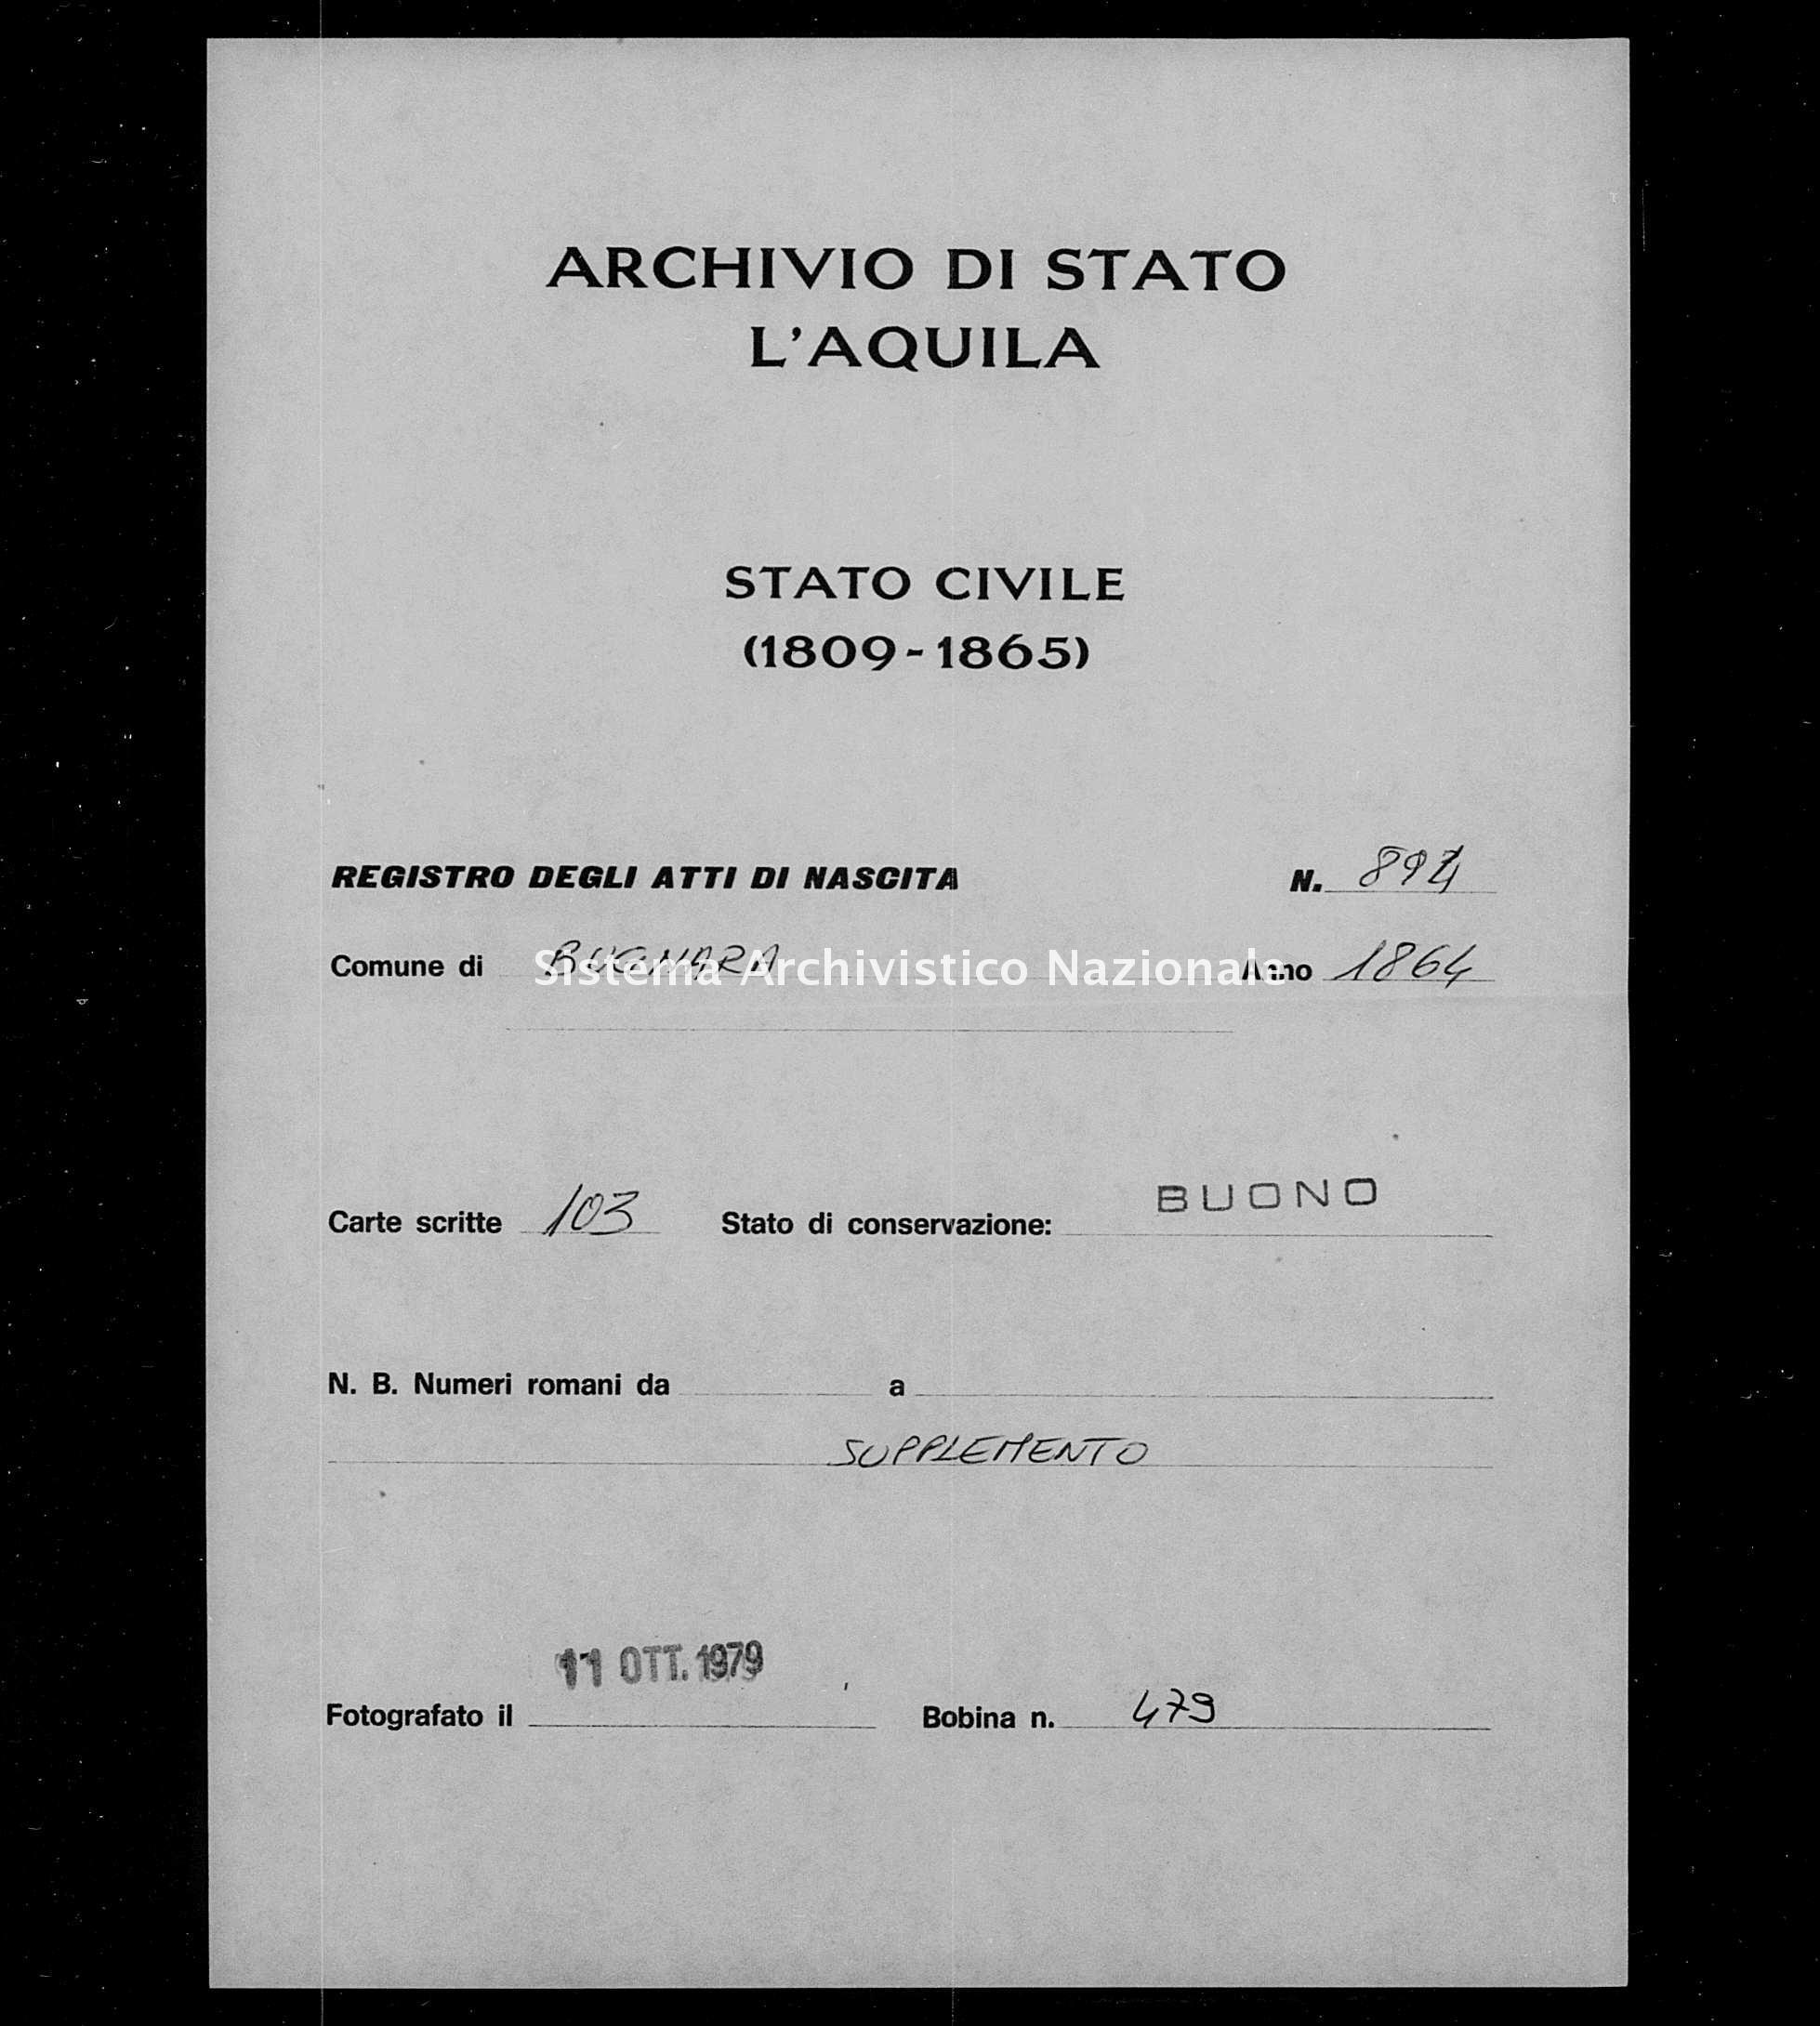 Archivio di stato di L'aquila - Stato civile italiano - Bugnara - Nati, battesimi - 1864 - 894 -